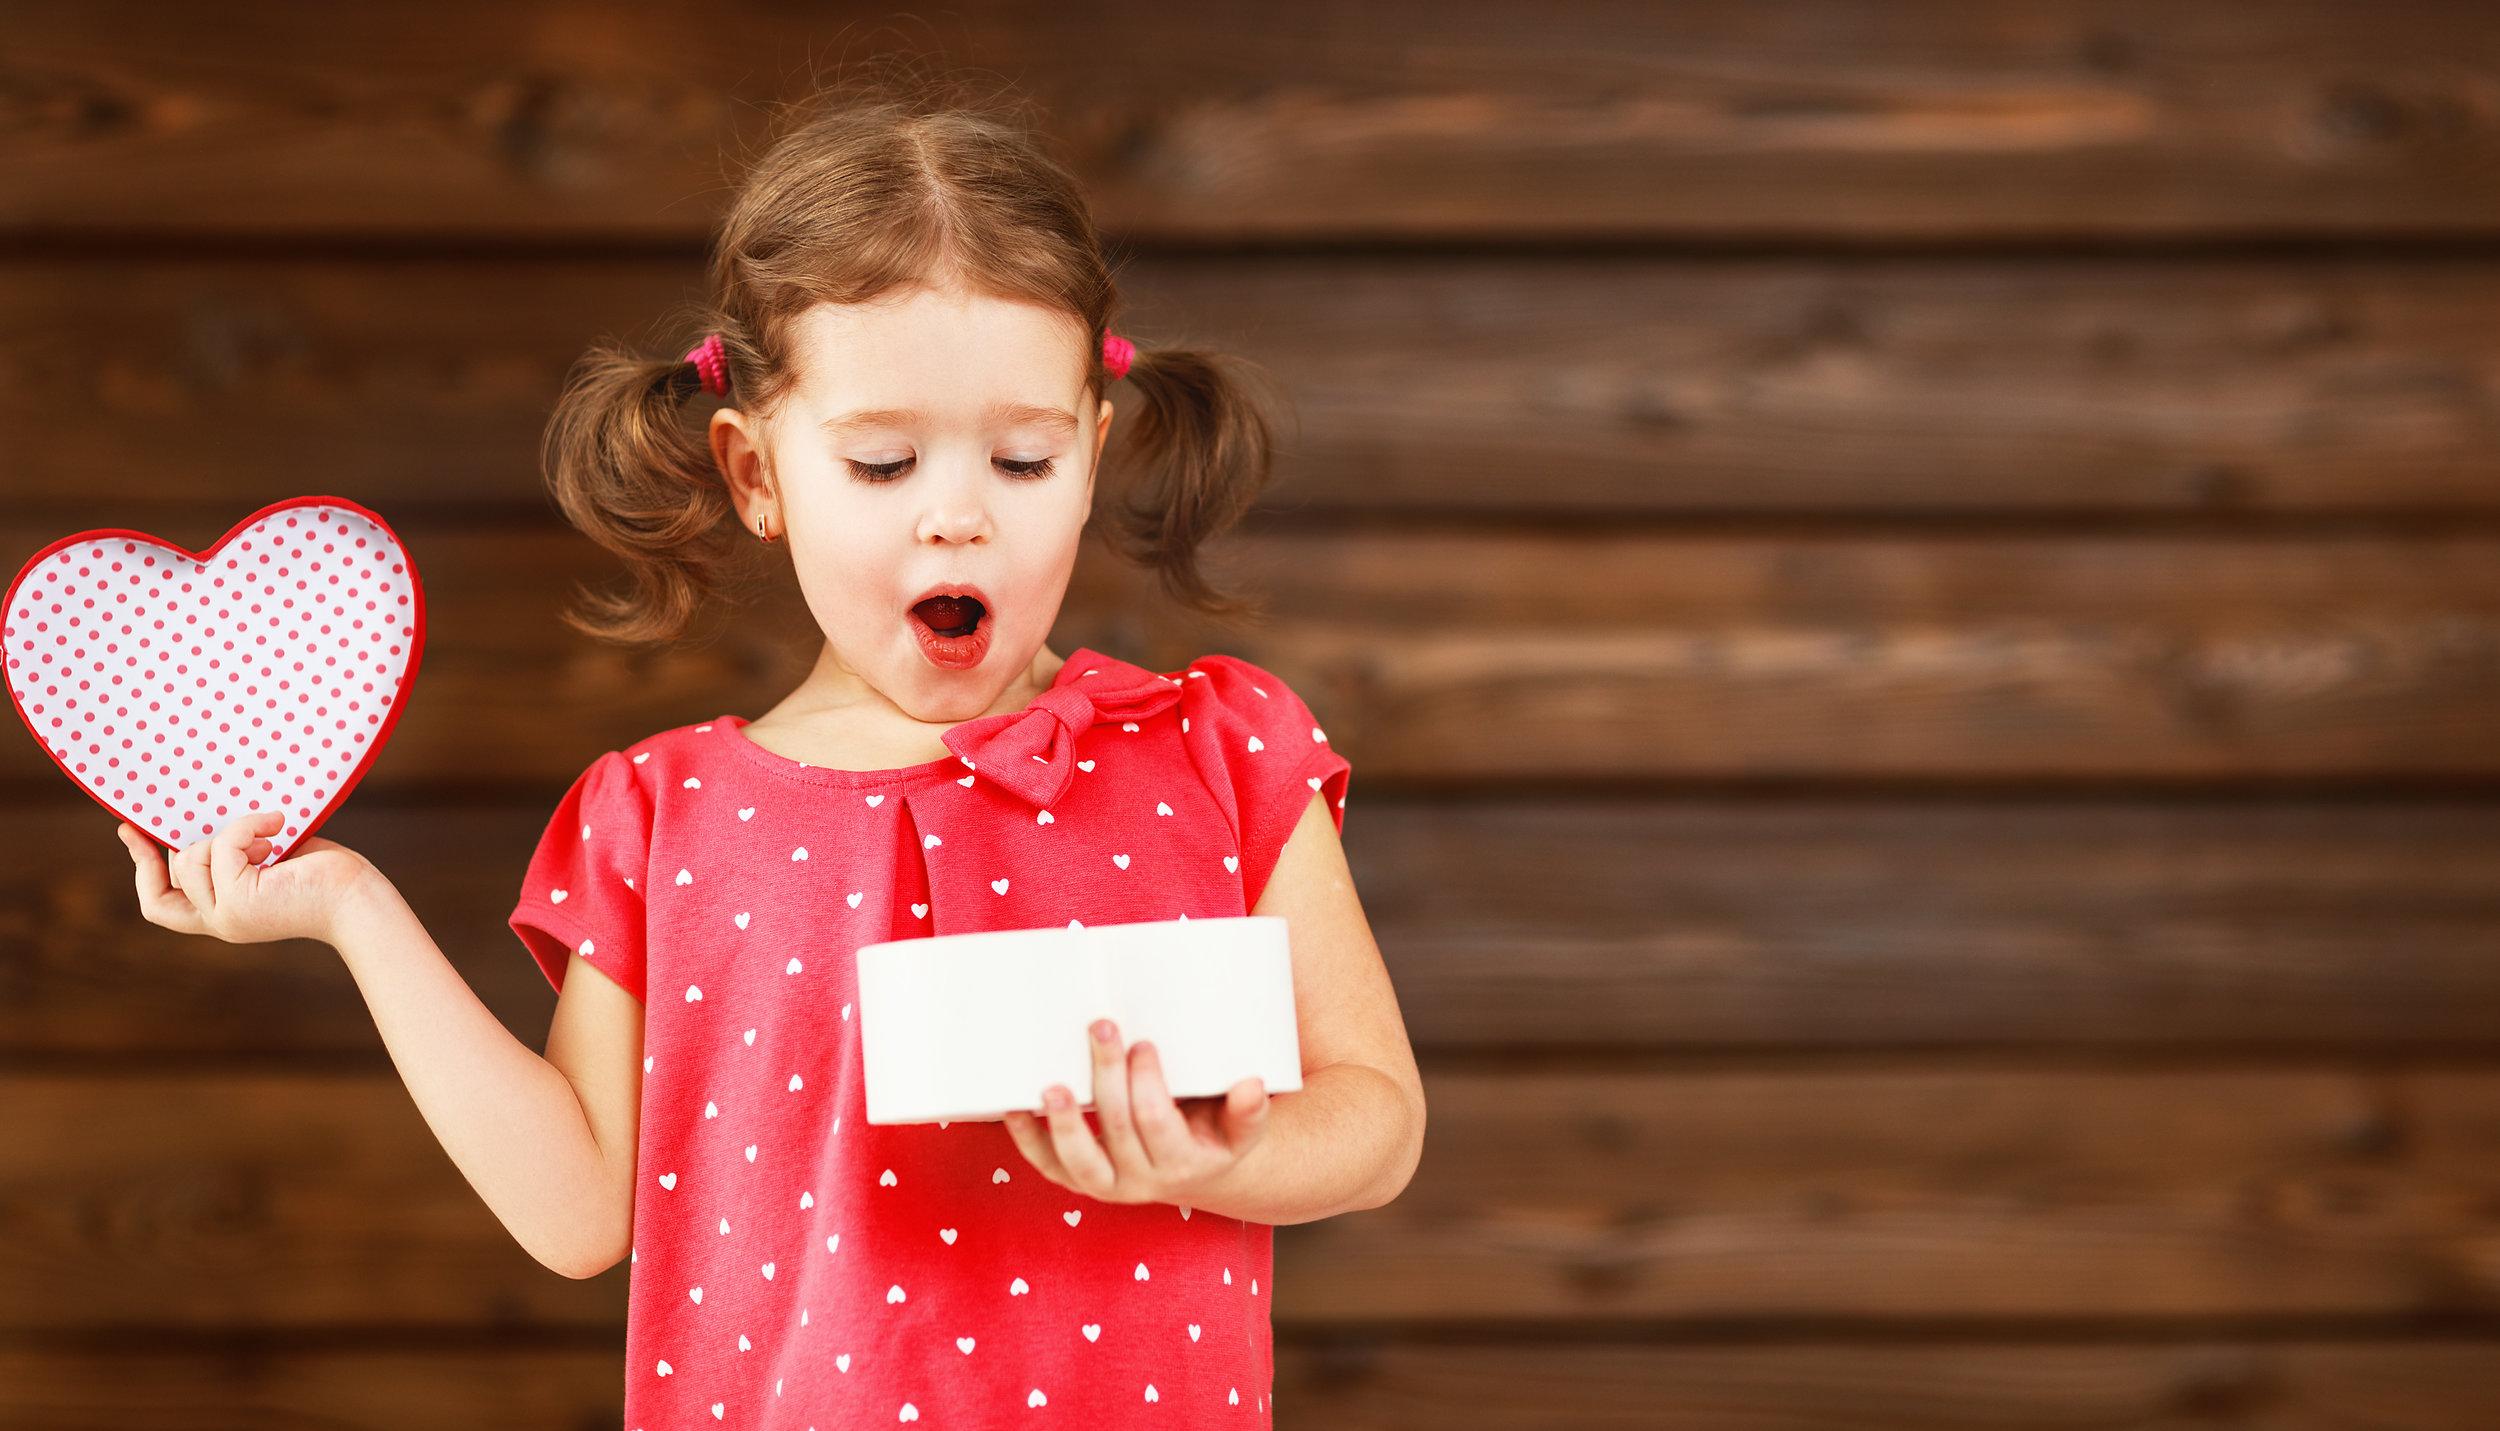 Saint Valentin-traditions-traditions familiales-comment célébrer la Saint Valentin en famille-Idées et suggestions-amour-Je suis une maman